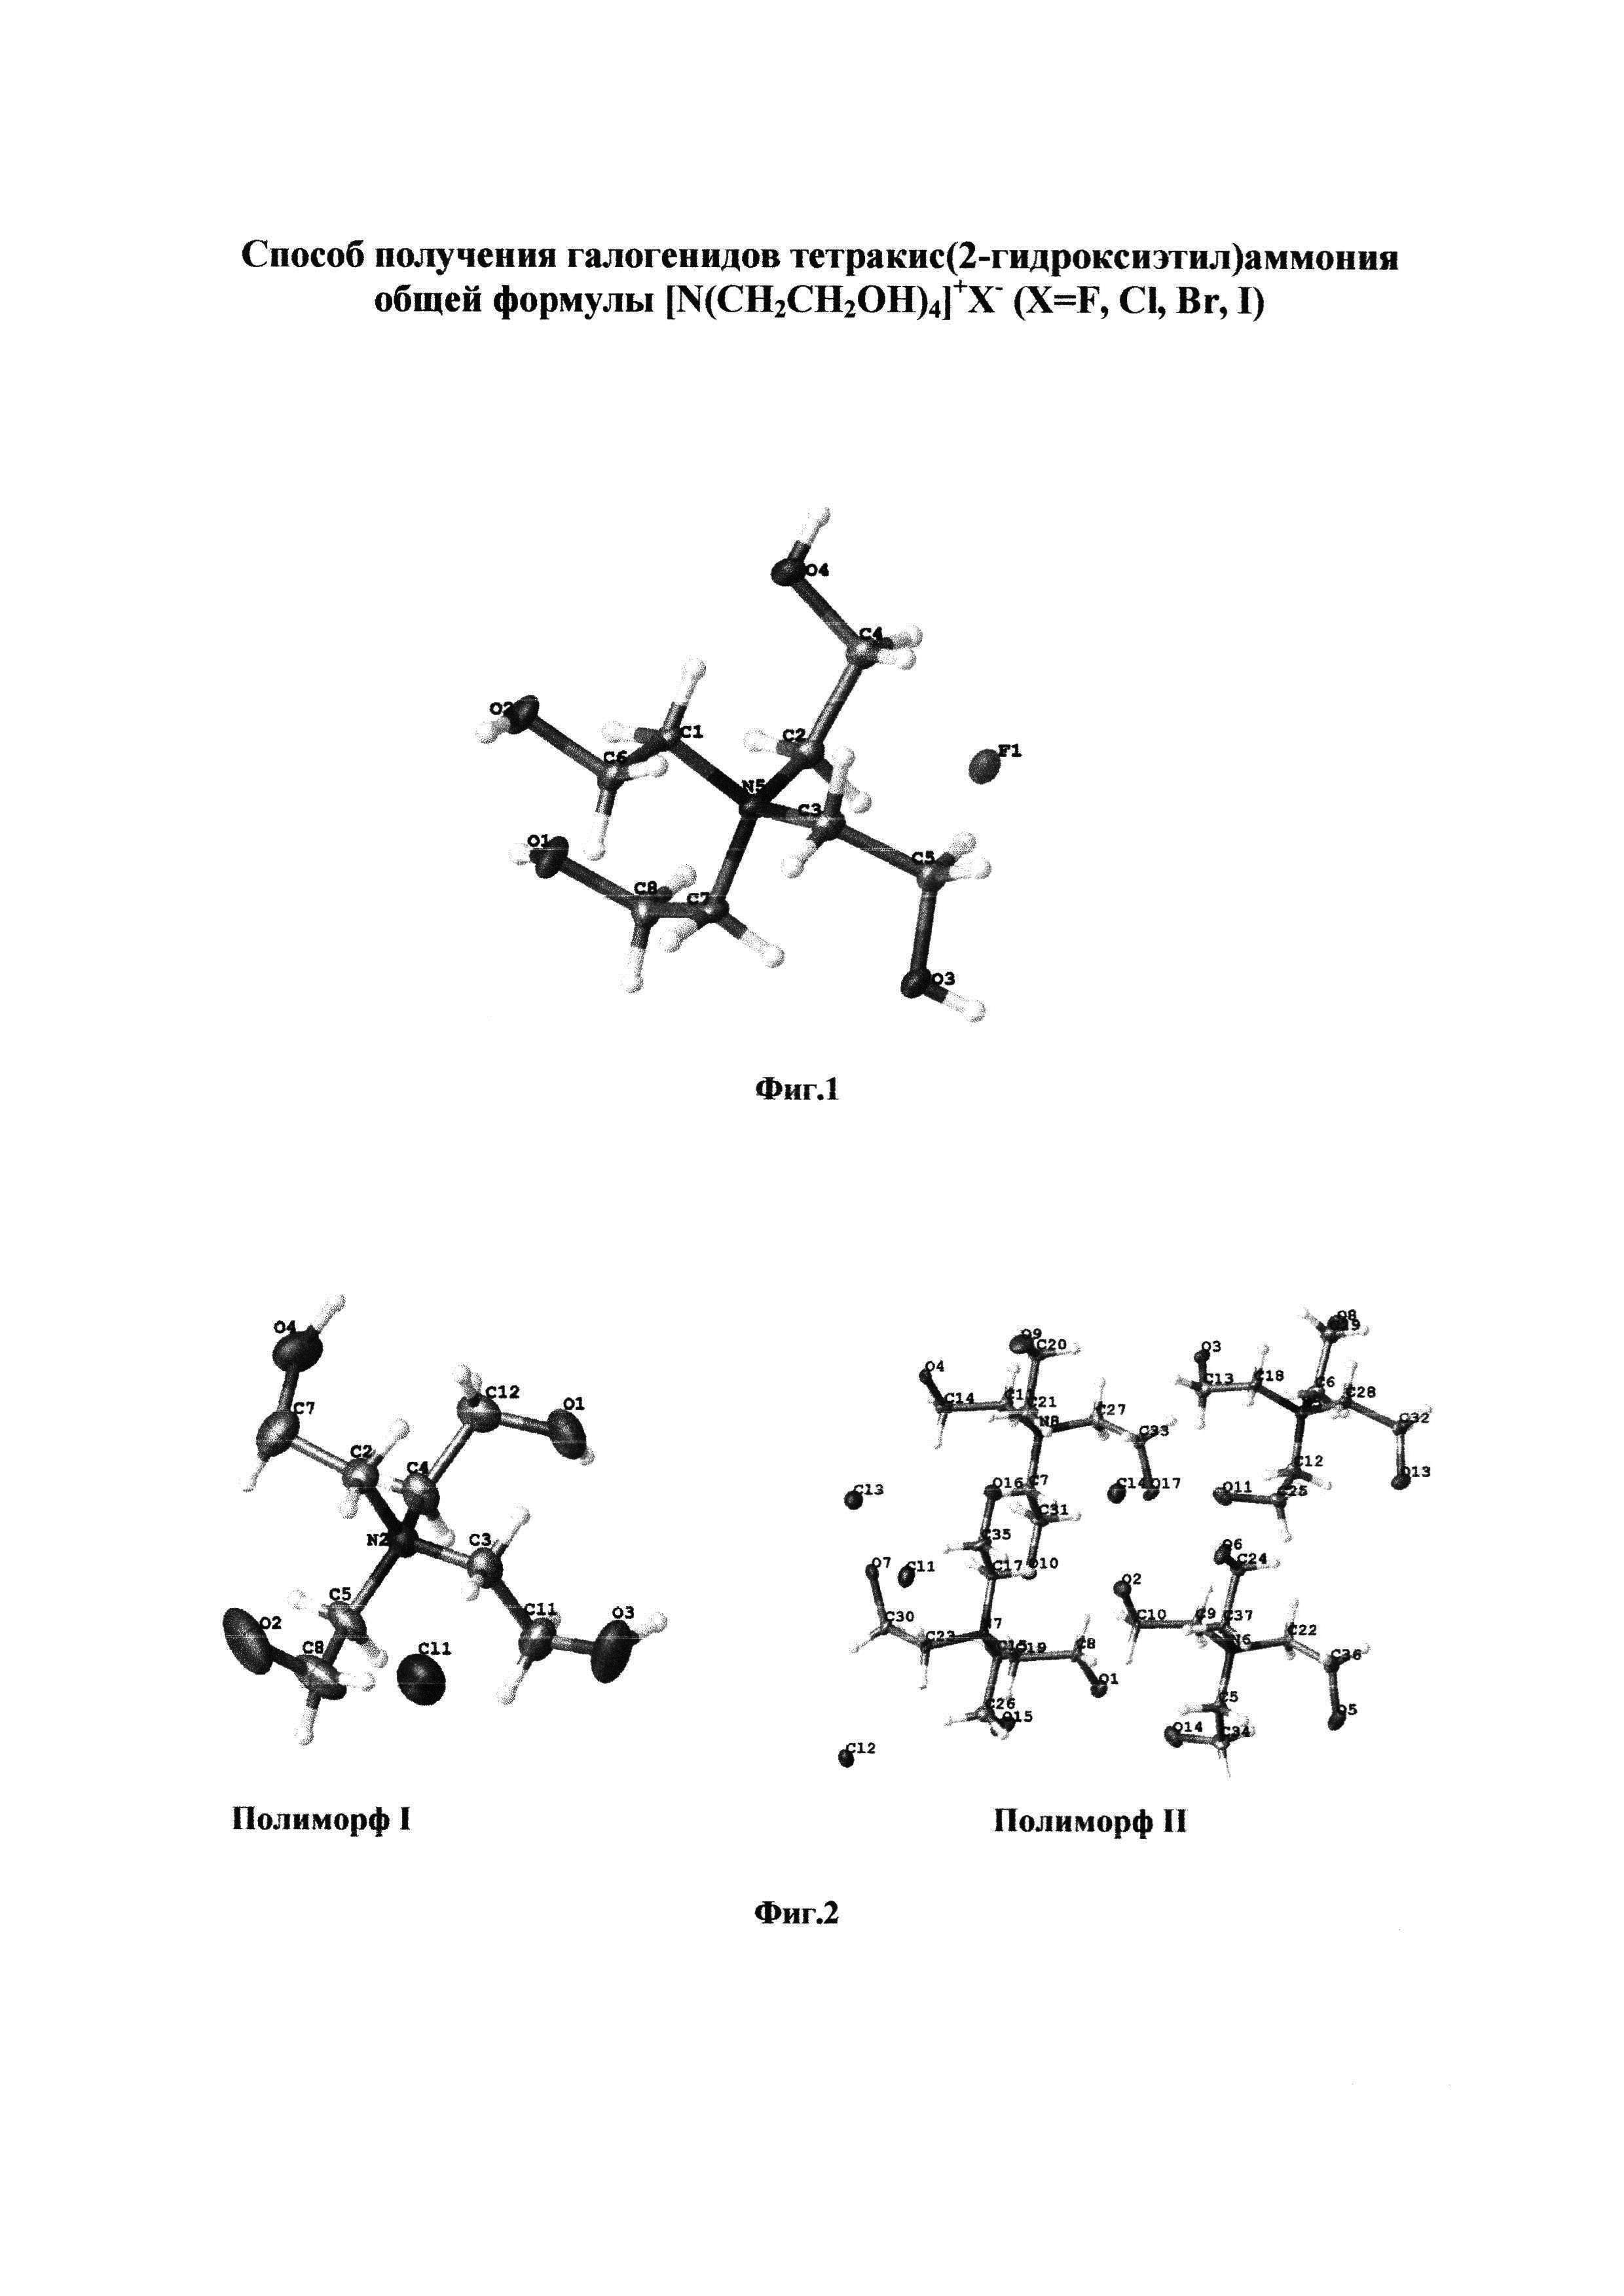 Способ получения галогенидов тетракис(2-гидроксиэтил)аммония общей формулы [N(CHCHOH)]X(X=F, Cl, Br, I)